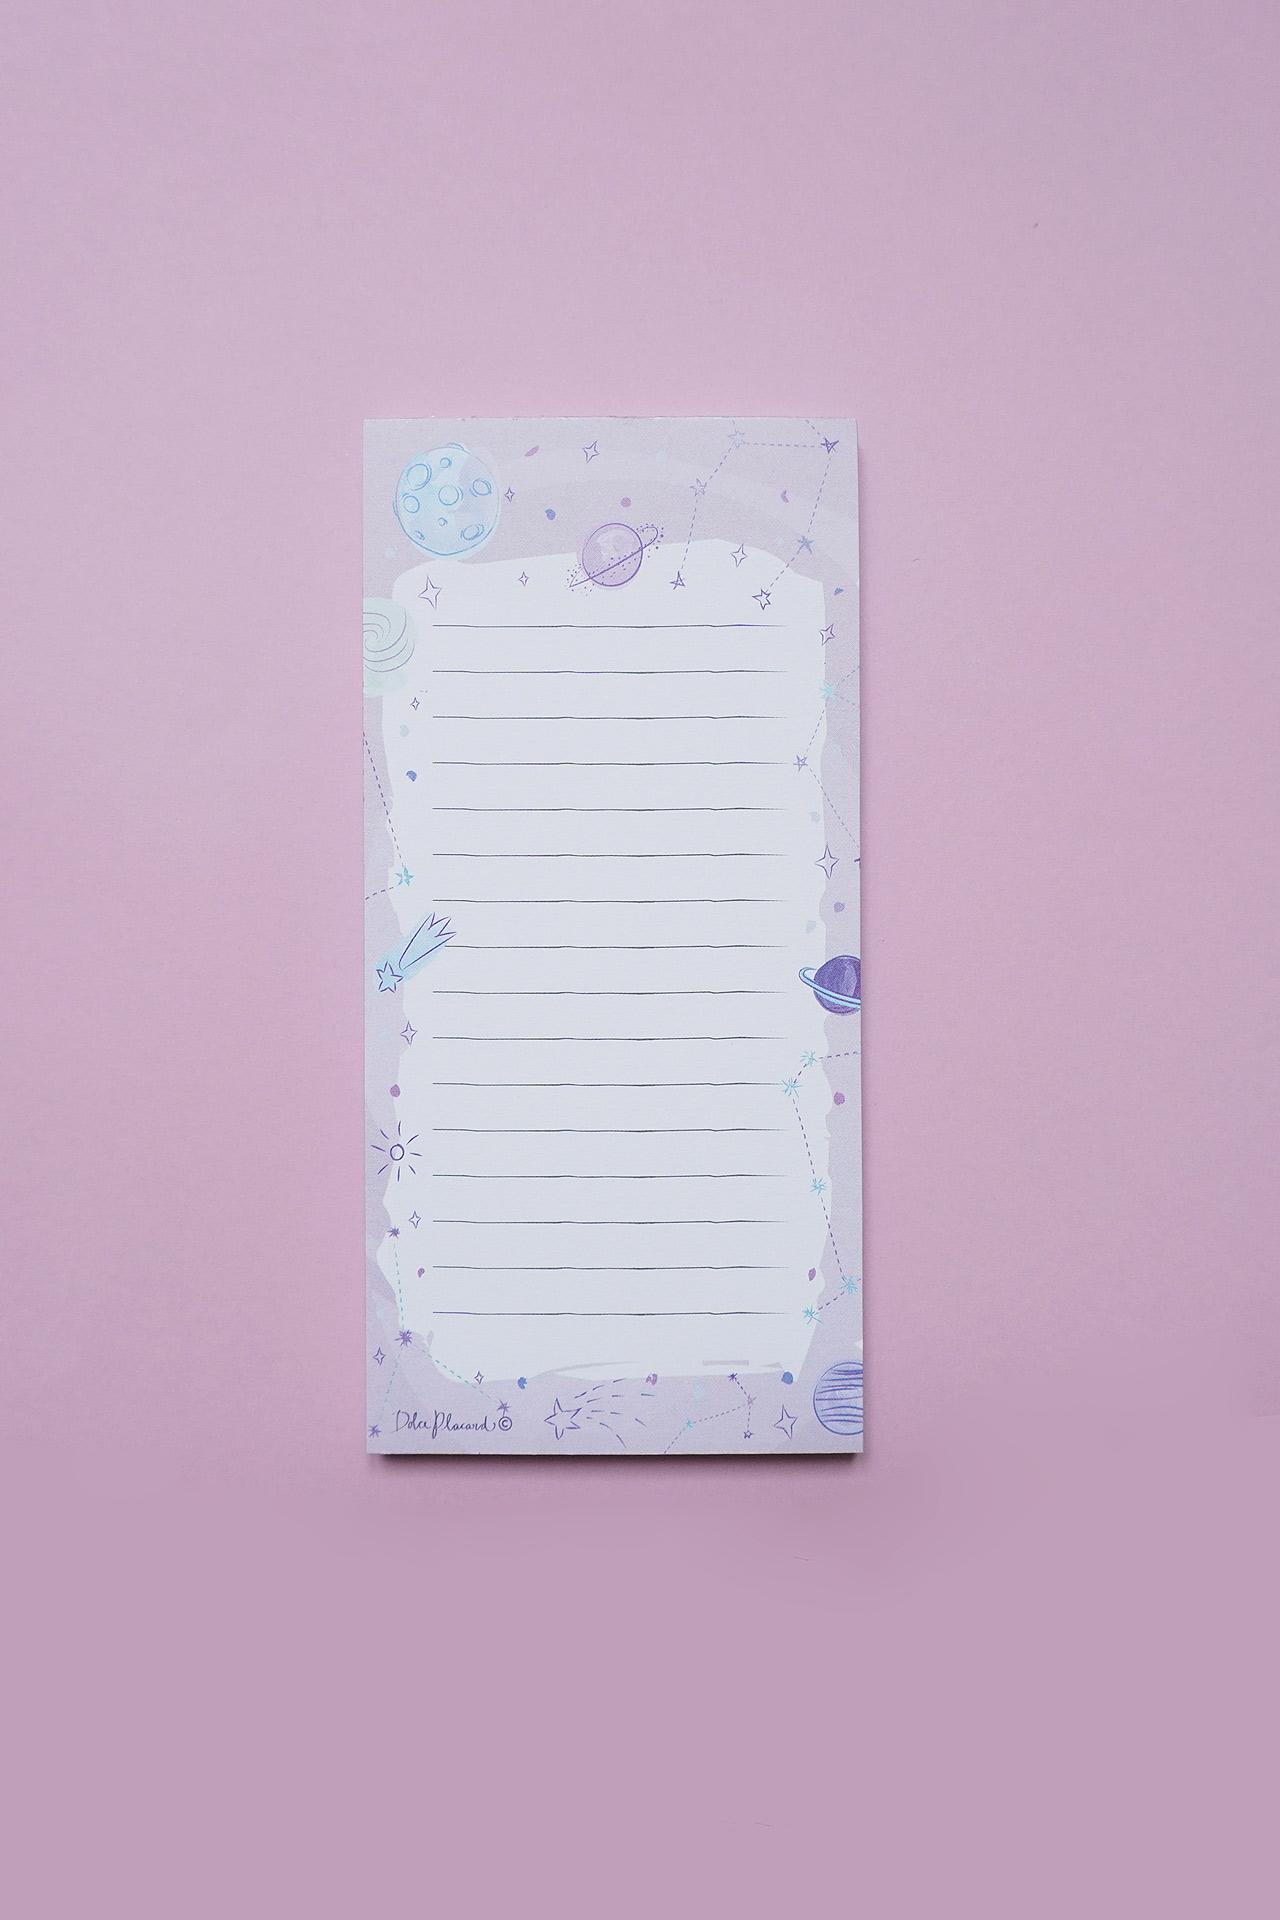 Planner diario perfecto para organizar tus días y actividades en forma de listado, con una temática super linda de estrellas y galaxias en tonos azulados y morados.  Medidas:16 cm del ato x 8 cm de ancho